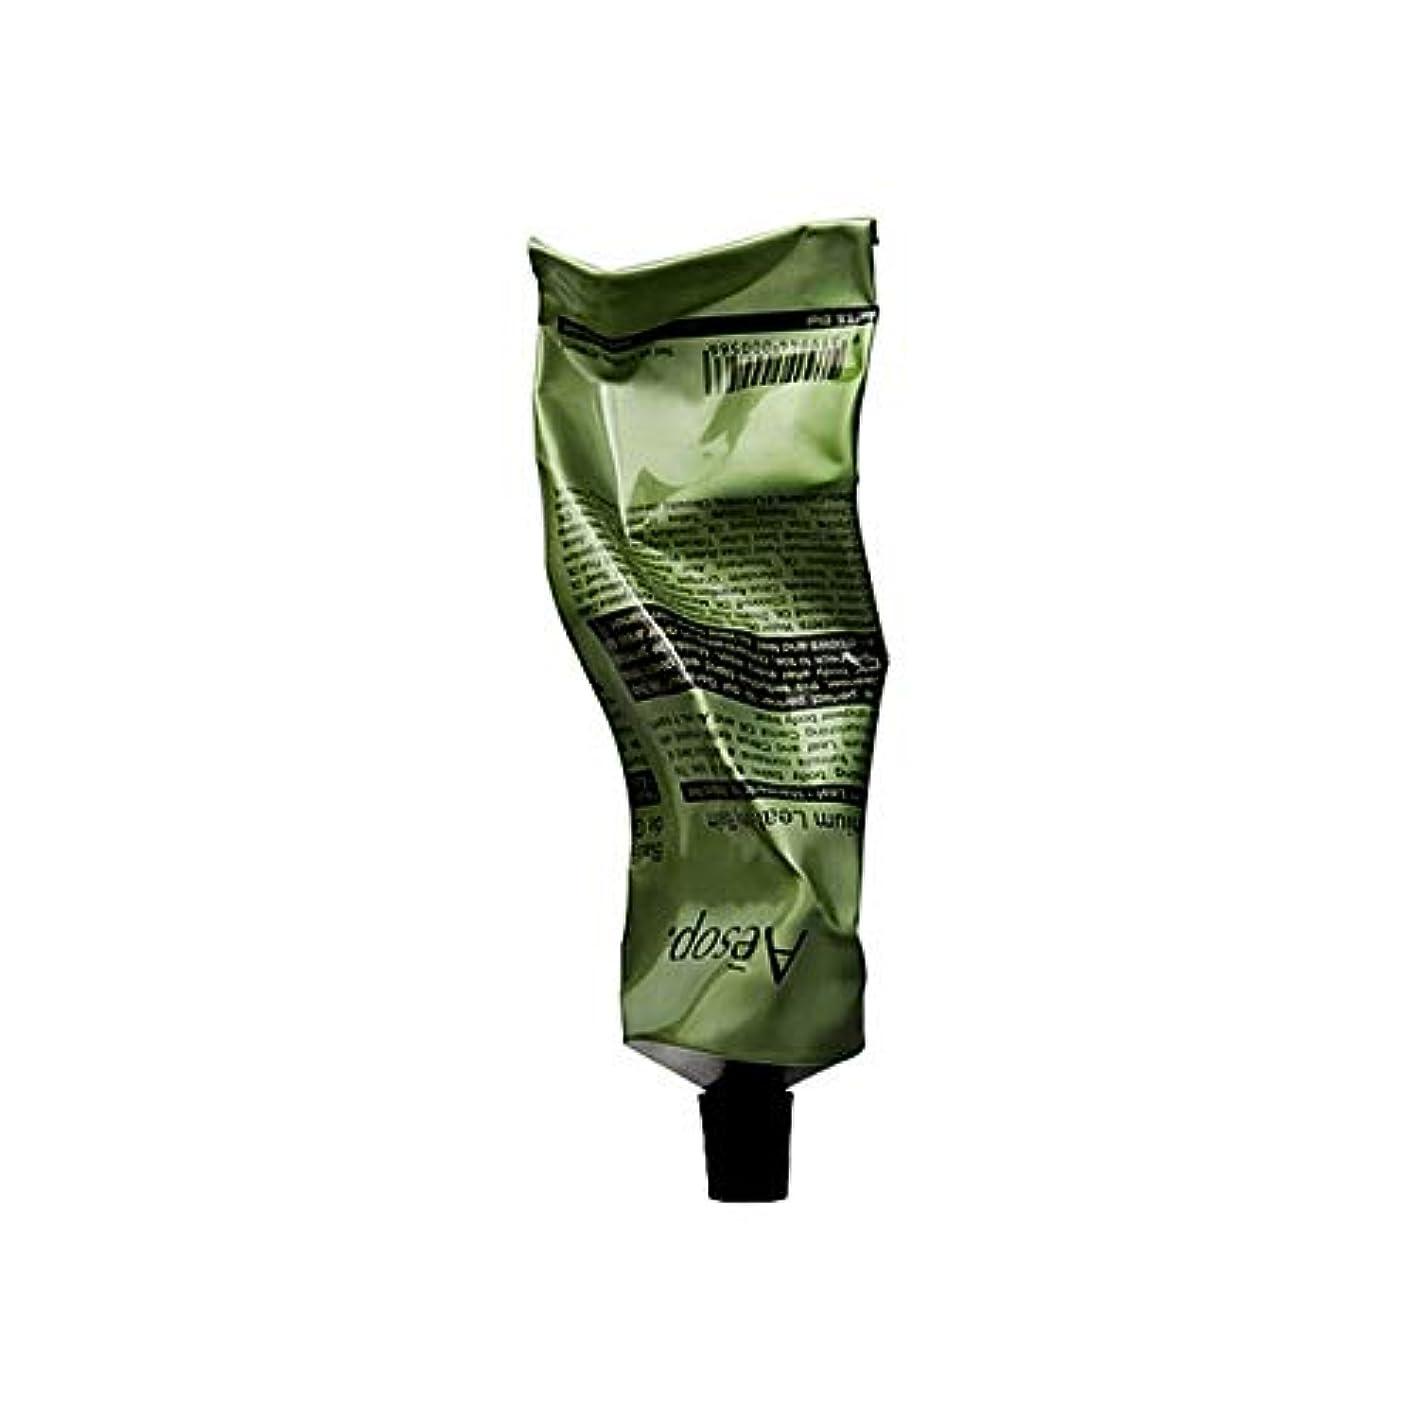 置換少数ブランデー[Aesop] イソップゼラニウムの葉のボディクリーム500ミリリットル - Aesop Geranium Leaf Body Balm 500ml [並行輸入品]